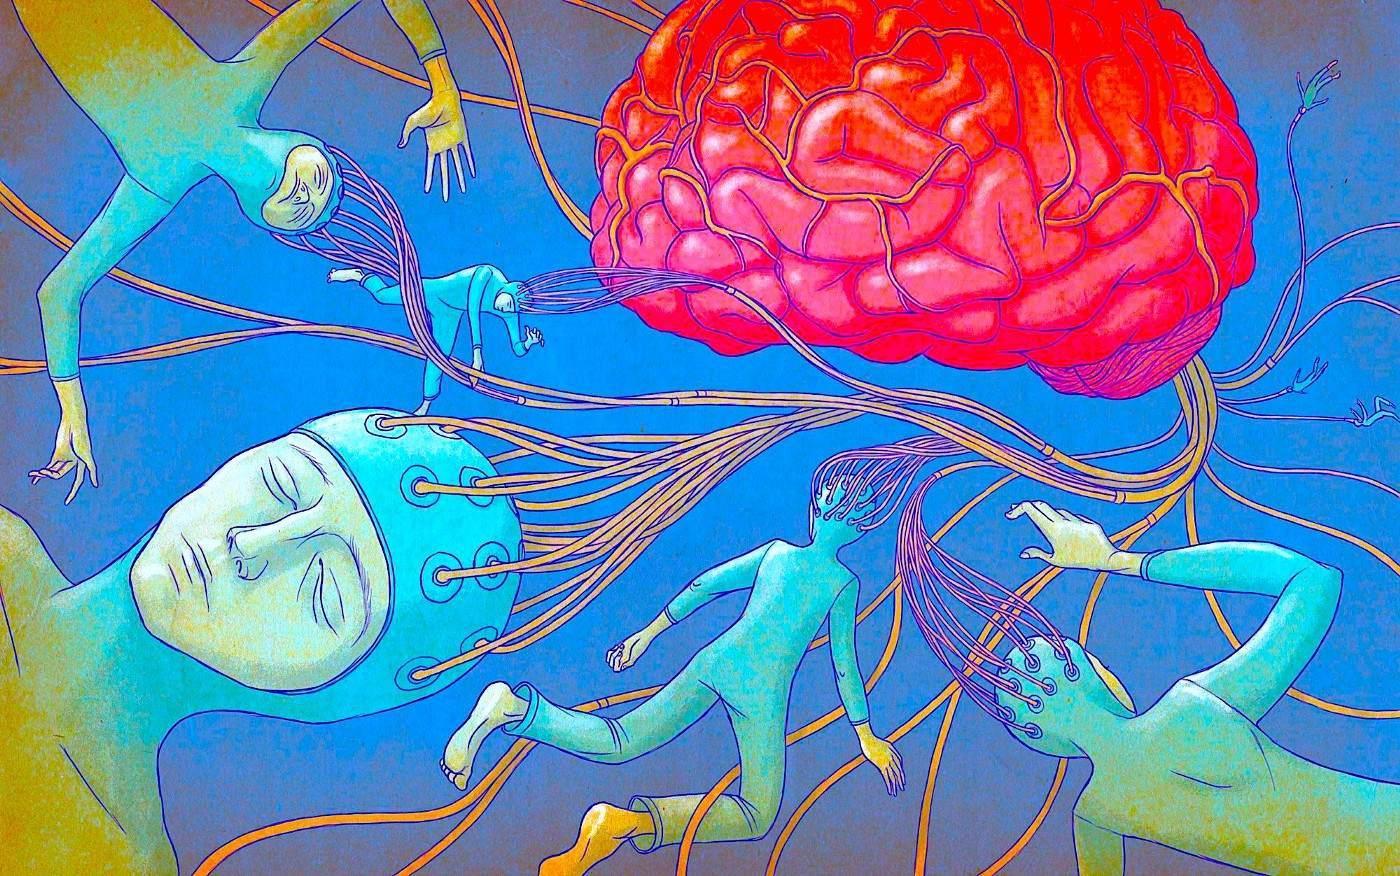 聪明人与你拉开差距的第一步,就是善待自己的大脑